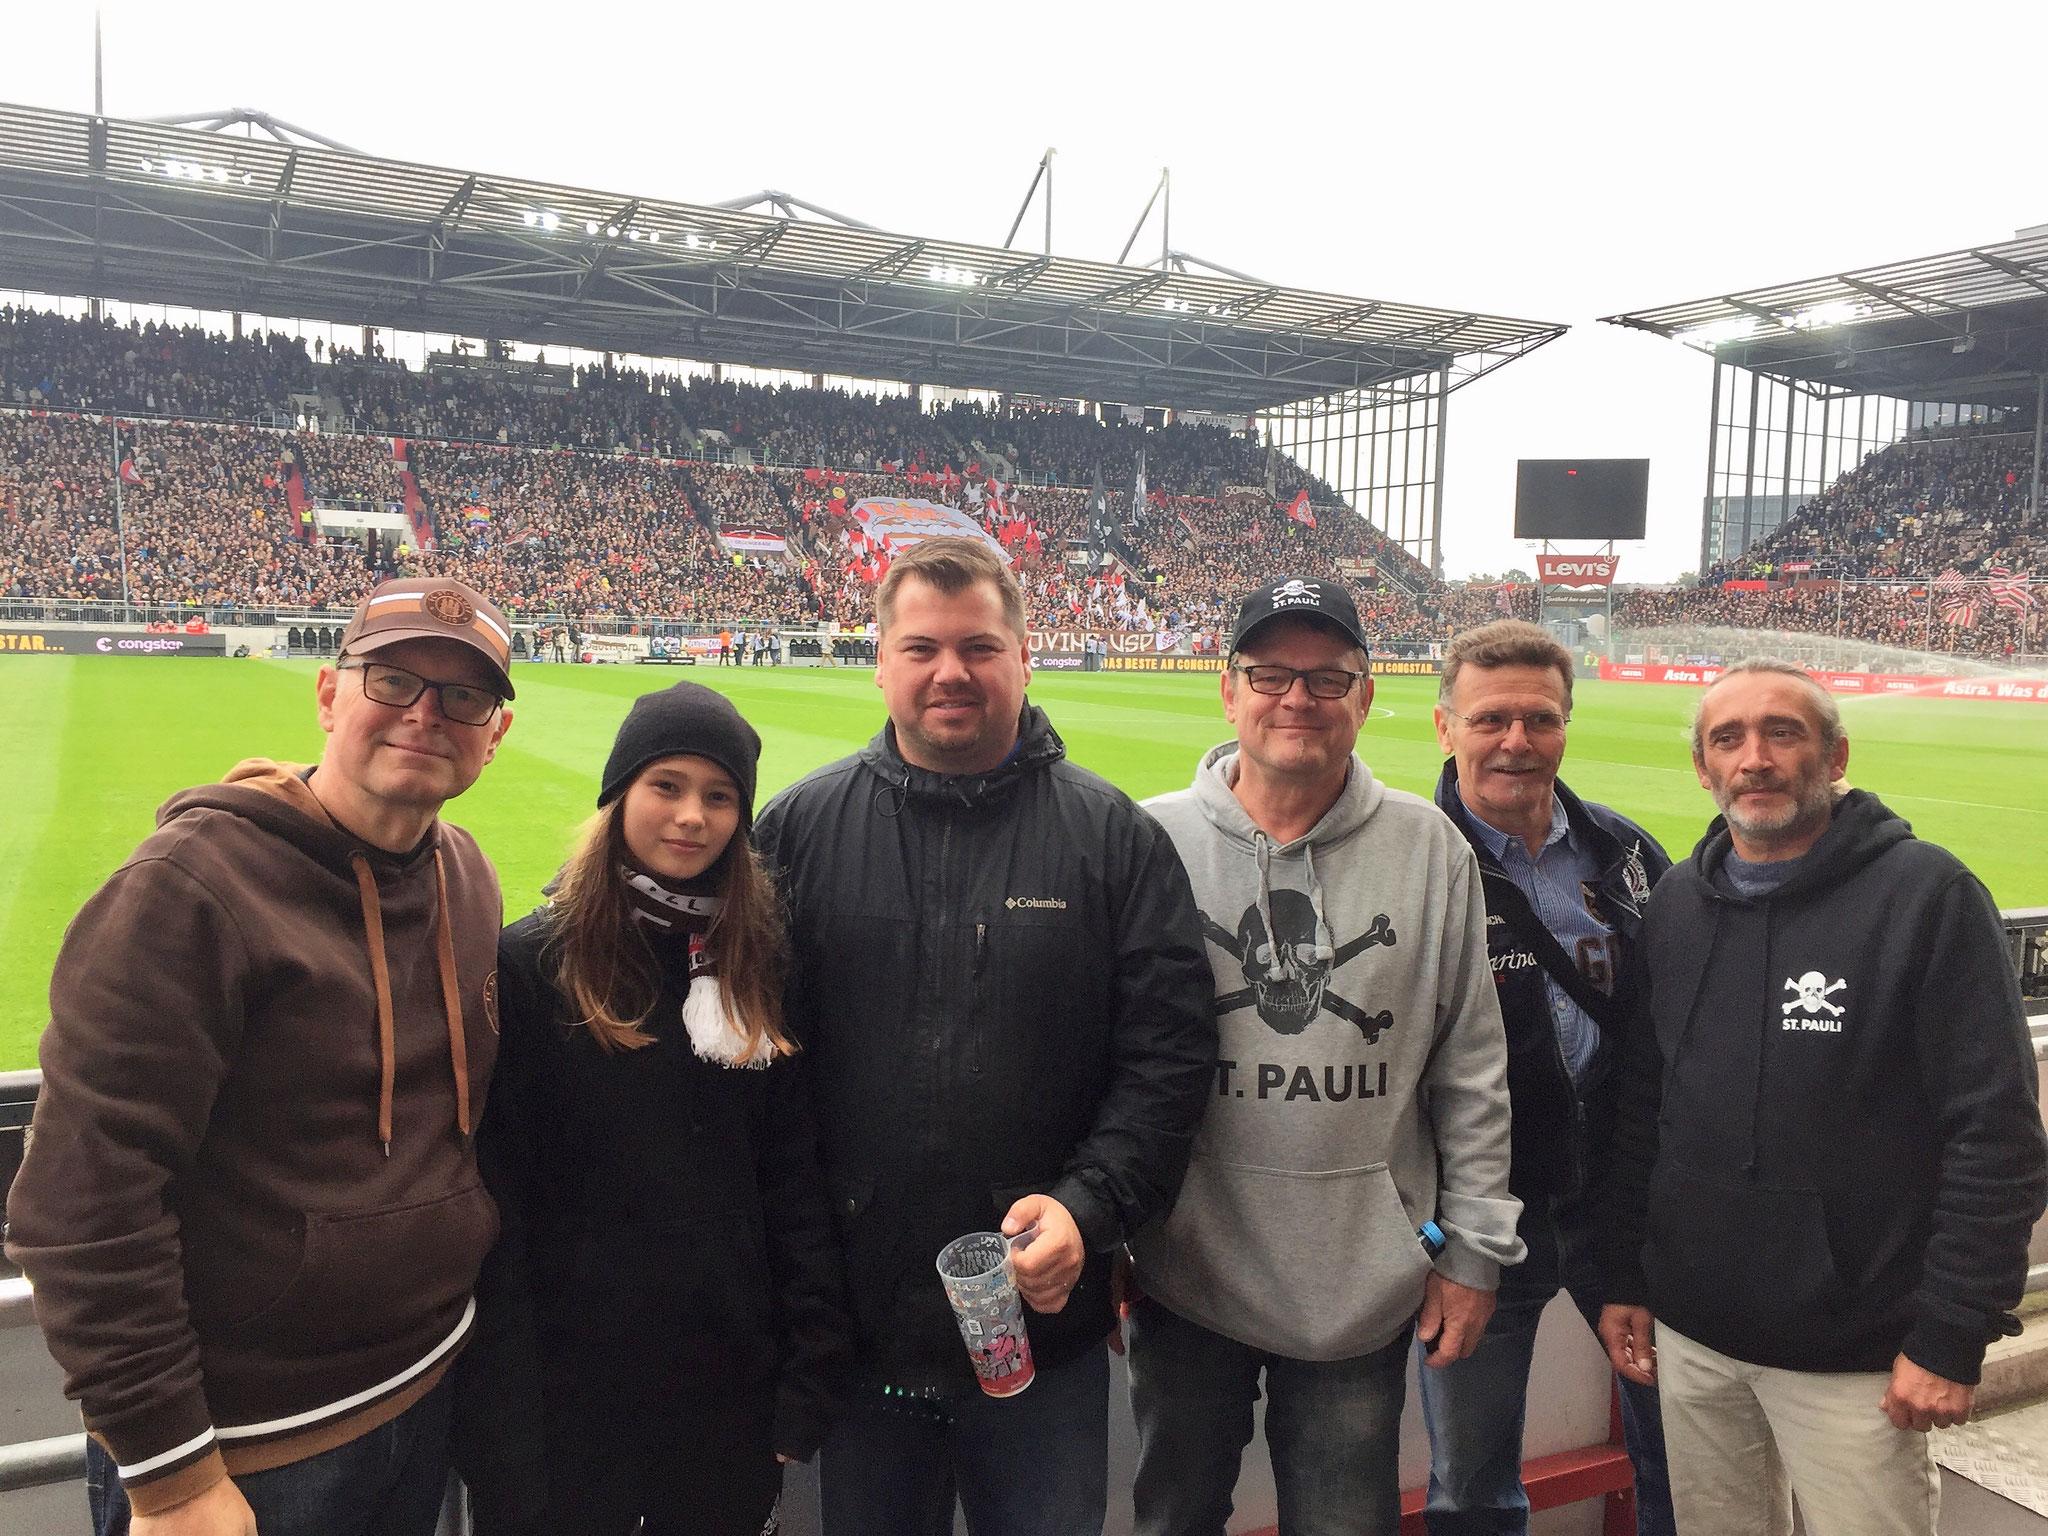 Torsten, Diana, Stefan Bauer, Michel V., Tilo und Eduard. Gast Stefan Bauer ist 1. Vorsitzender des Deaf Mainz 05 Fanclubs.